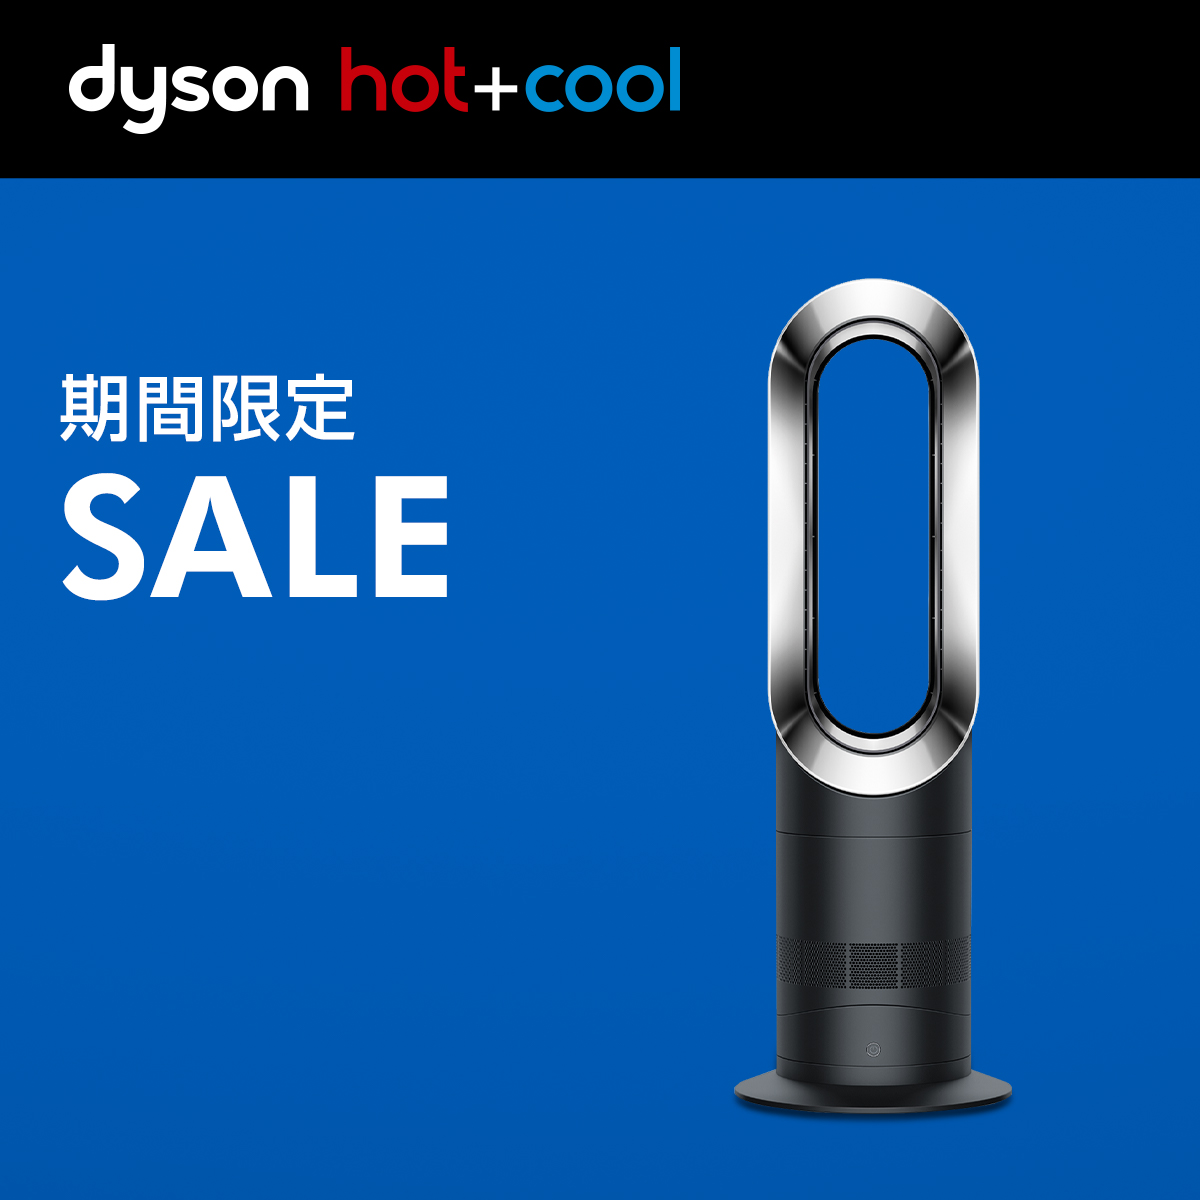 【期間限定】12/1 23:59まで!ダイソン Dyson Hot+Cool AM09BN ファンヒーター 暖房 ブラック/ニッケル